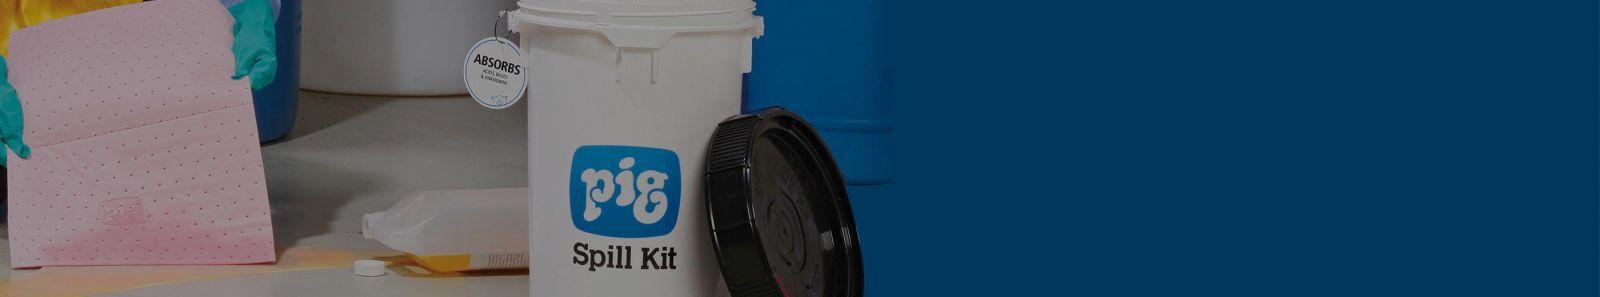 Spill Kit Refills